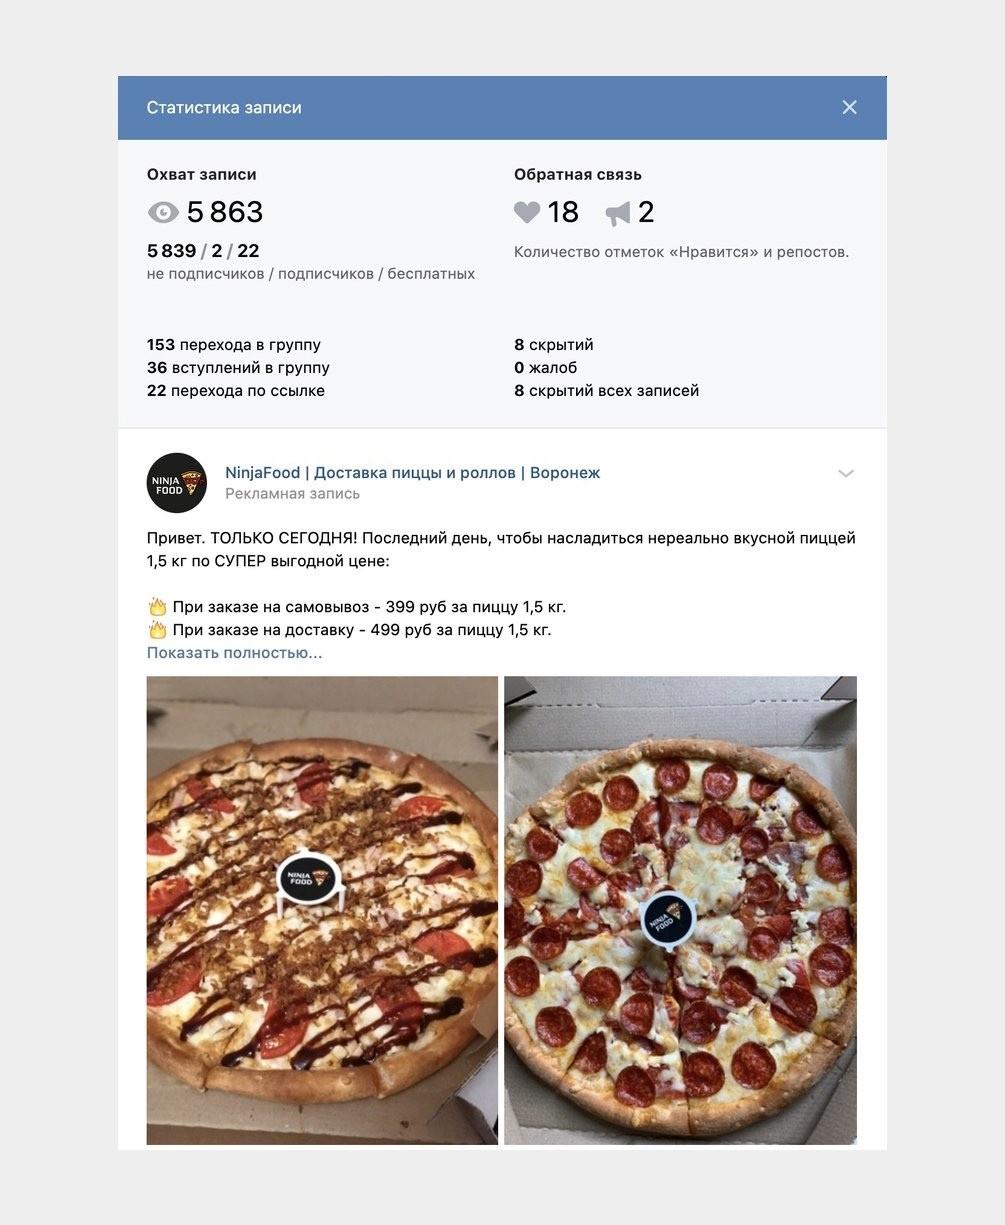 Как продвинуть доставку готовый еды при помощи ВКонтакте